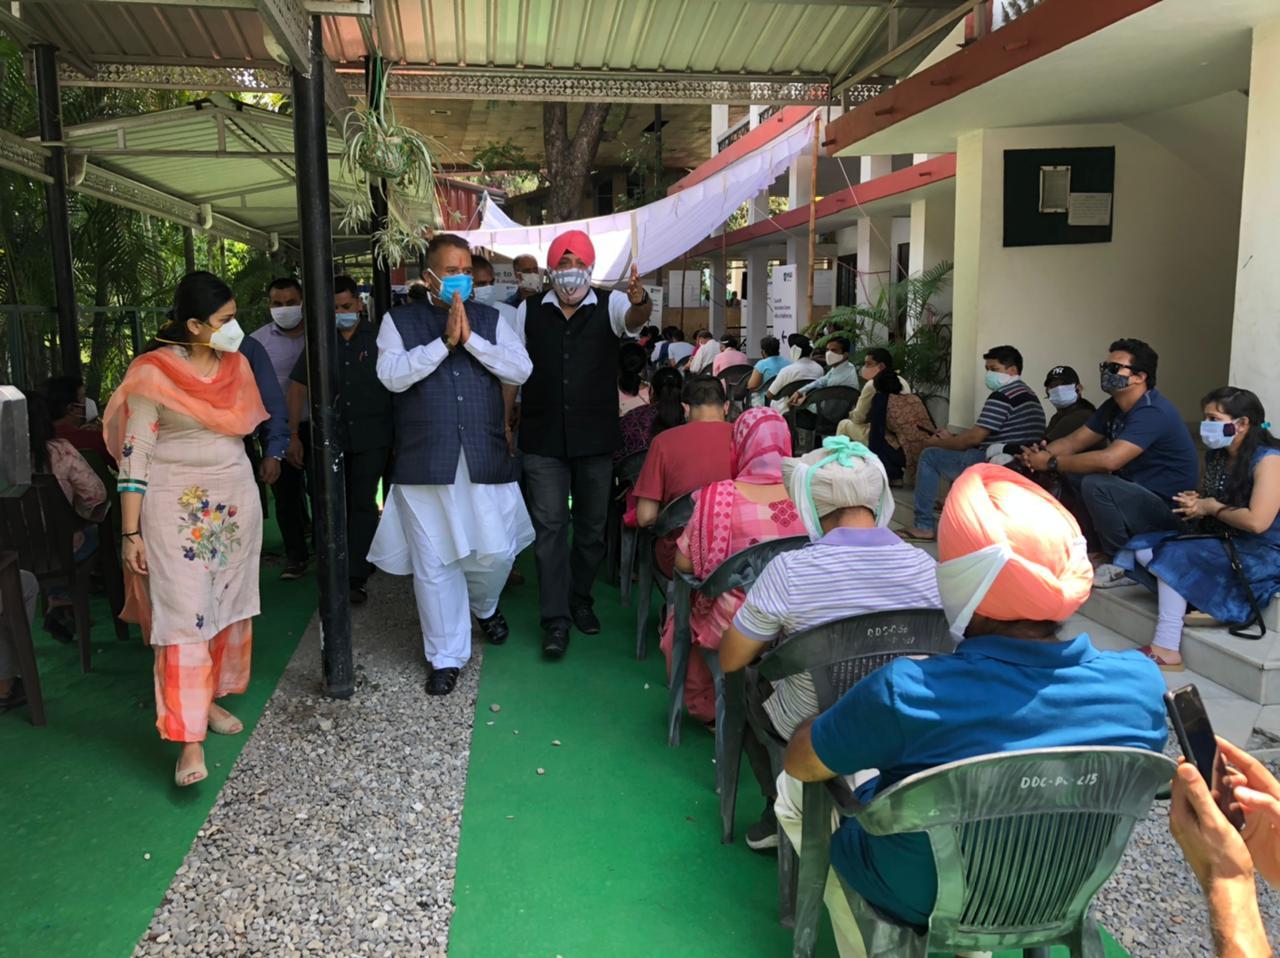 उत्तराखंड : कोविड प्रभारी मंत्री गणेश जोशी ने दून क्लब में संचालित टीकाकरण केन्द्र का किया निरीक्षण।